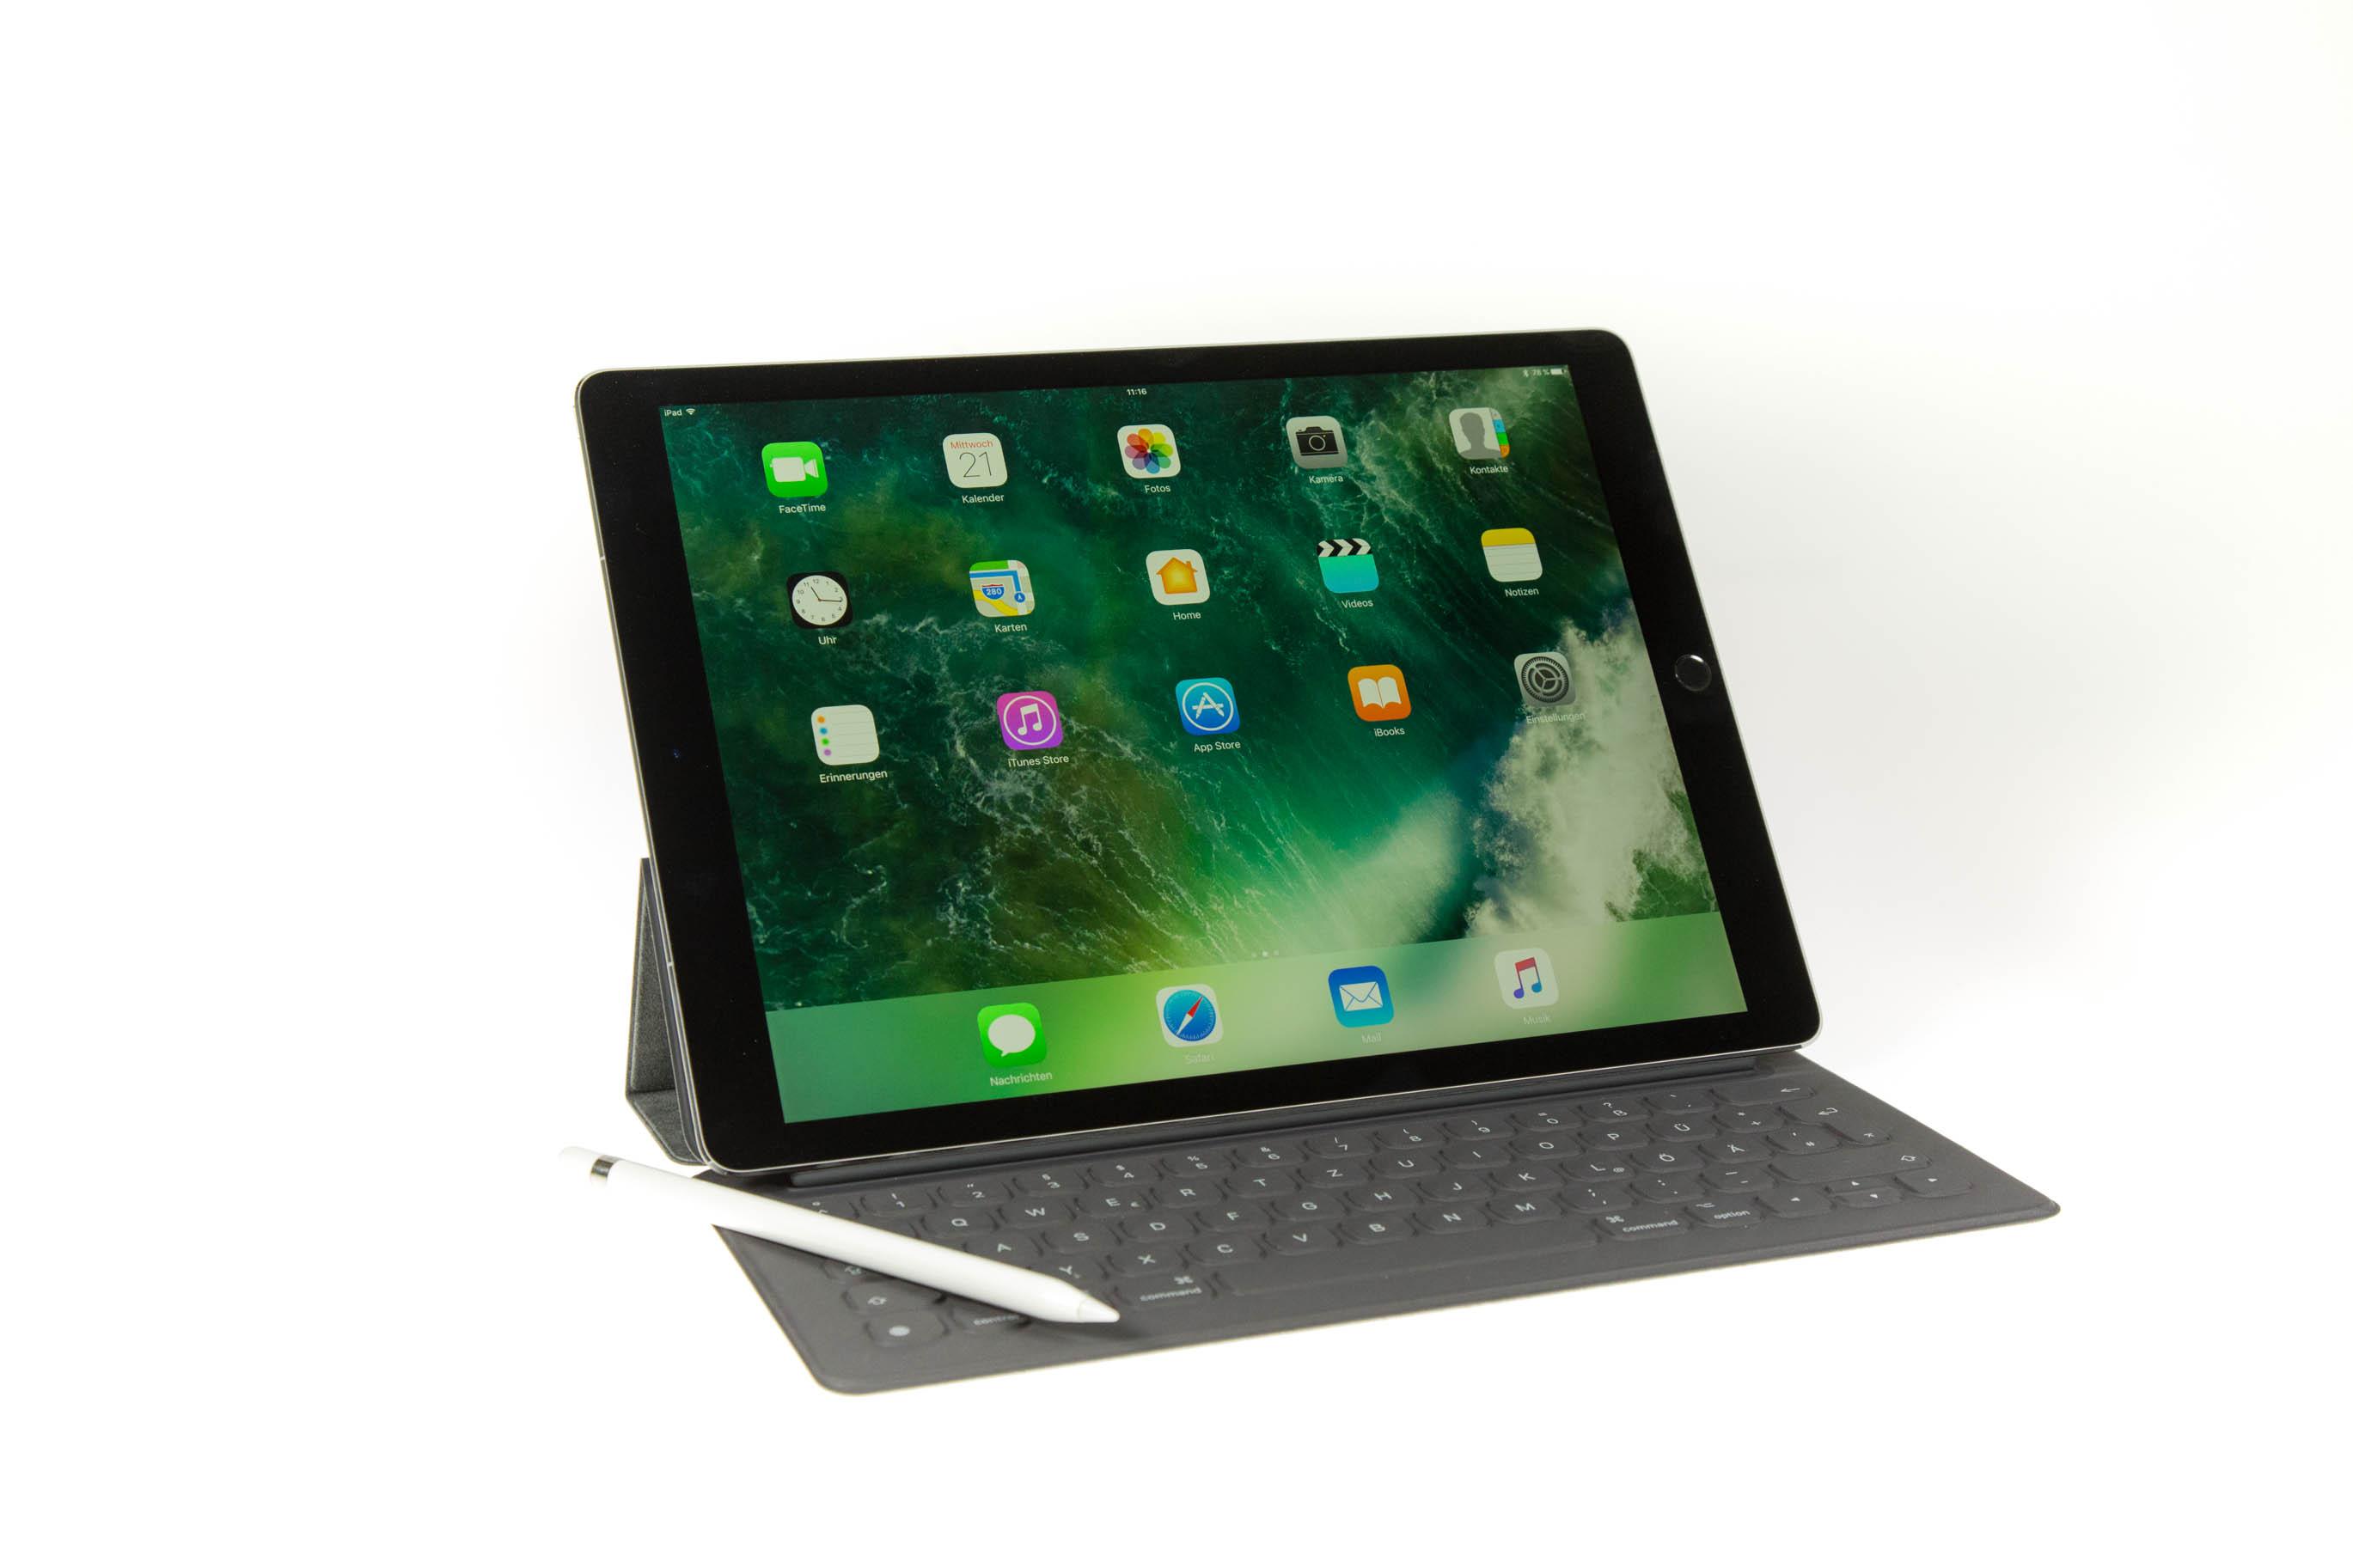 Neues iPad Pro im Test: Von der Hardware her ein Laptop - Das neue iPad Pro 12,9 mit Smart Keyboard und Apple Pencil (Bild: Martin Wolf/Golem.de)